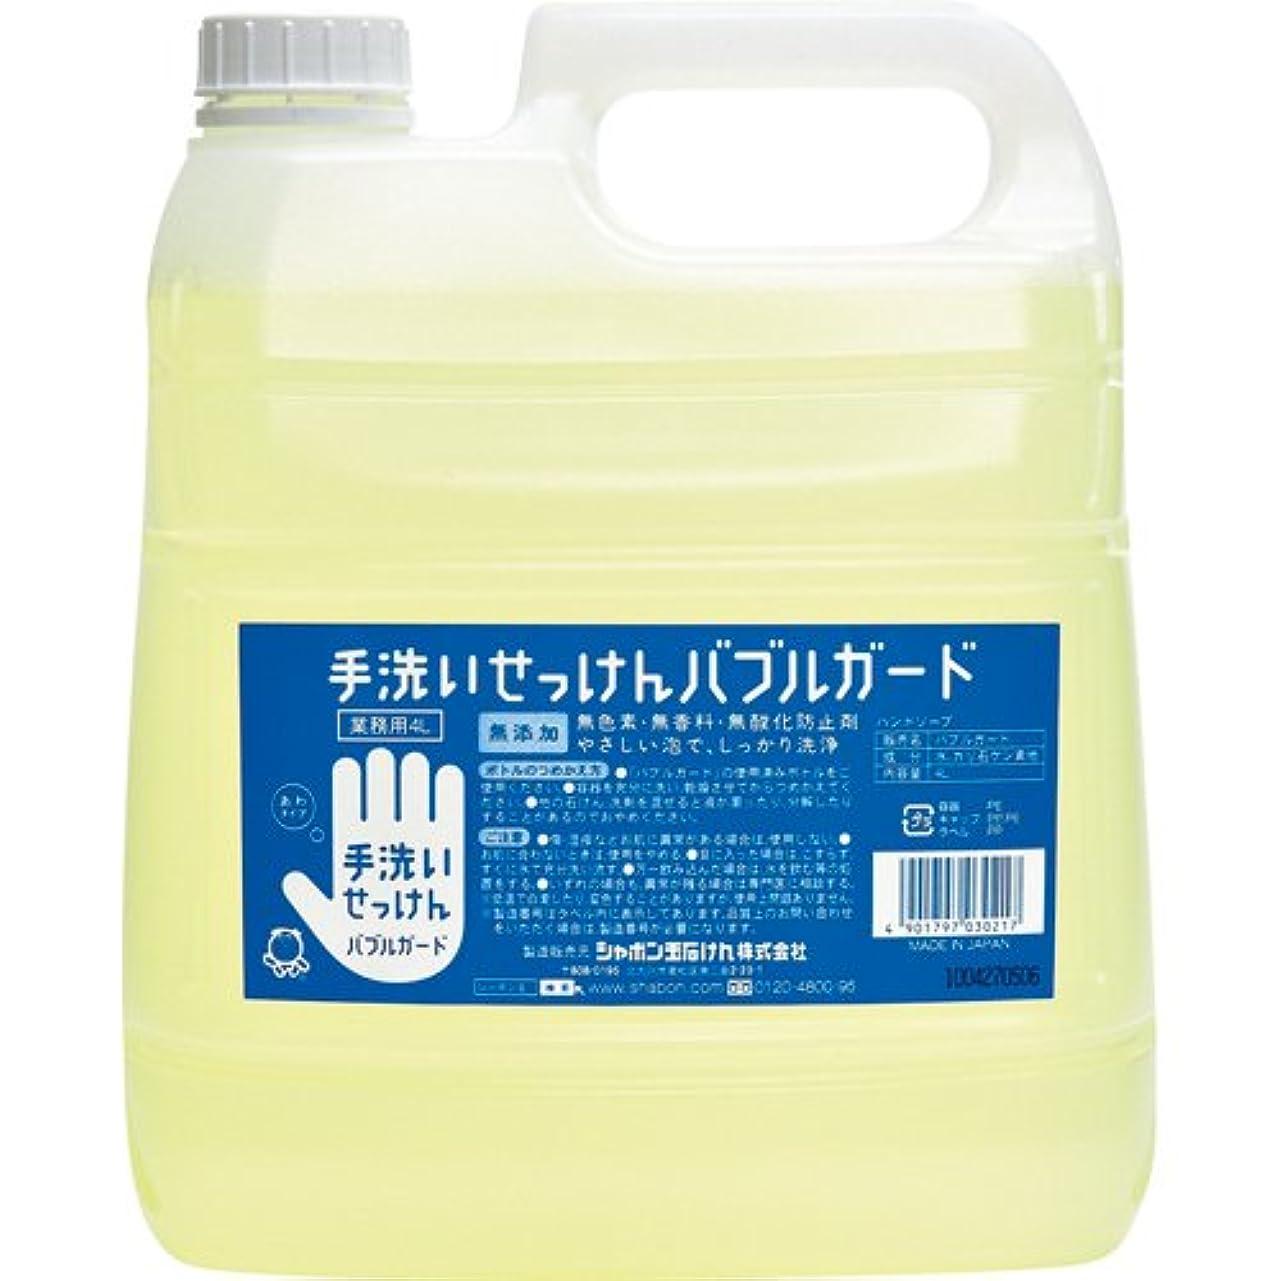 良い巨大な通知する[シャボン玉石けん 1692542] (ケア商品)手洗いせっけん バブルガード 泡タイプ 業務用 4L